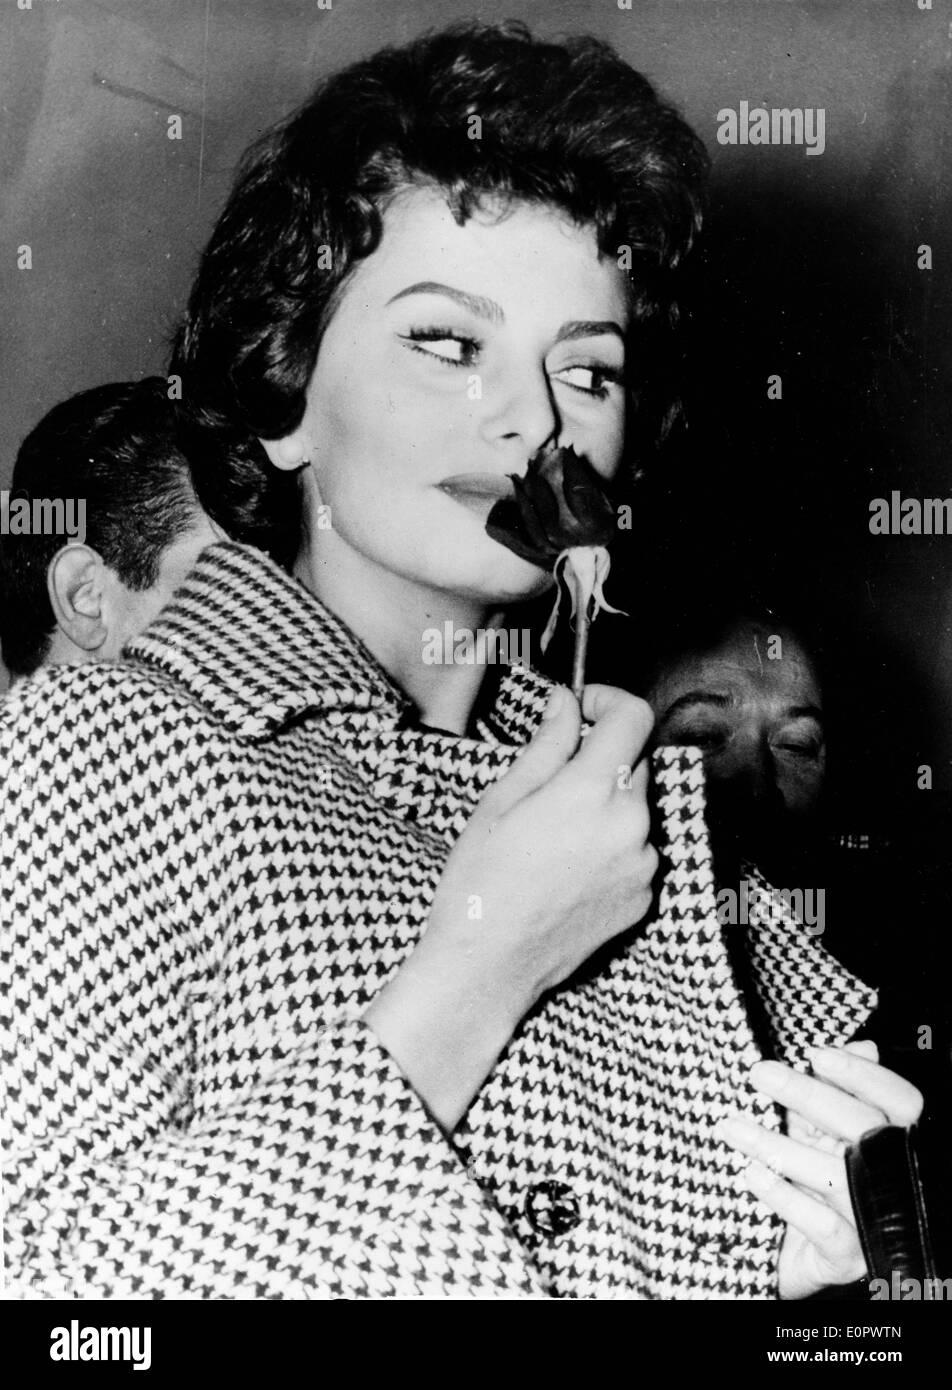 """Attrice Sophia Loren sul set di """"La leggenda della perso"""" Immagini Stock"""